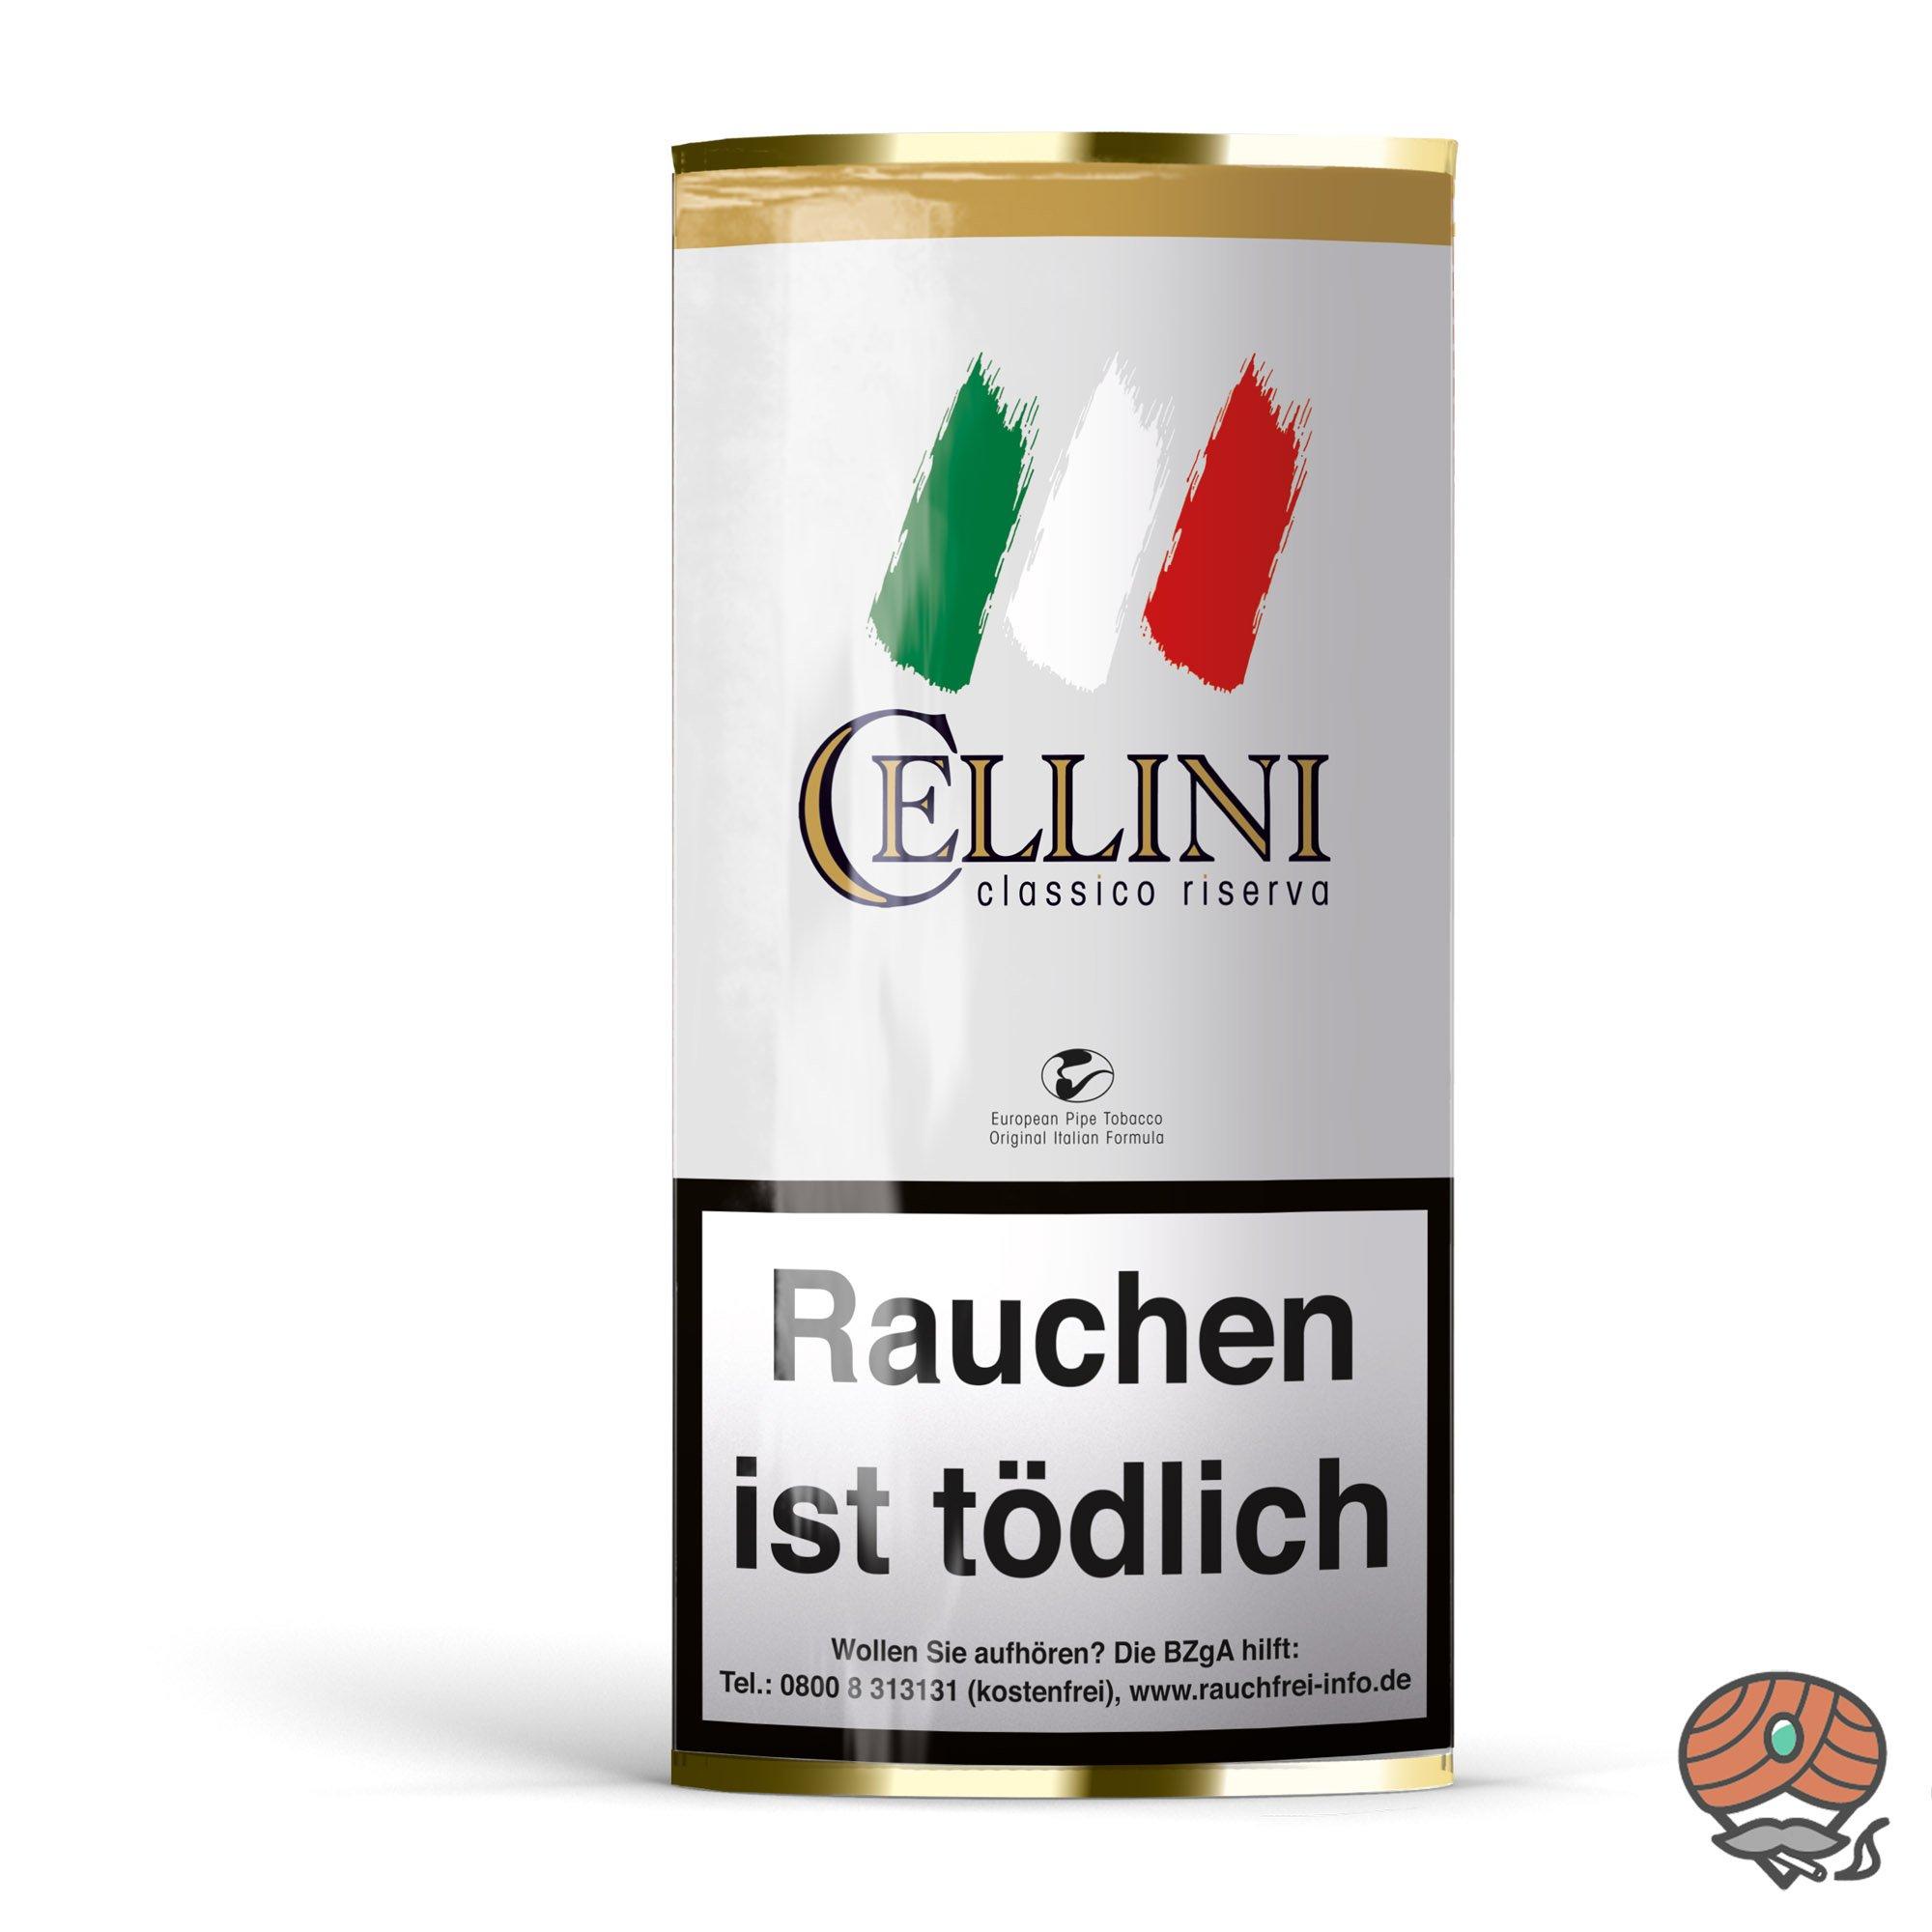 Cellini Classico Riserva Pfeifentabak 50g Pouch / Beutel